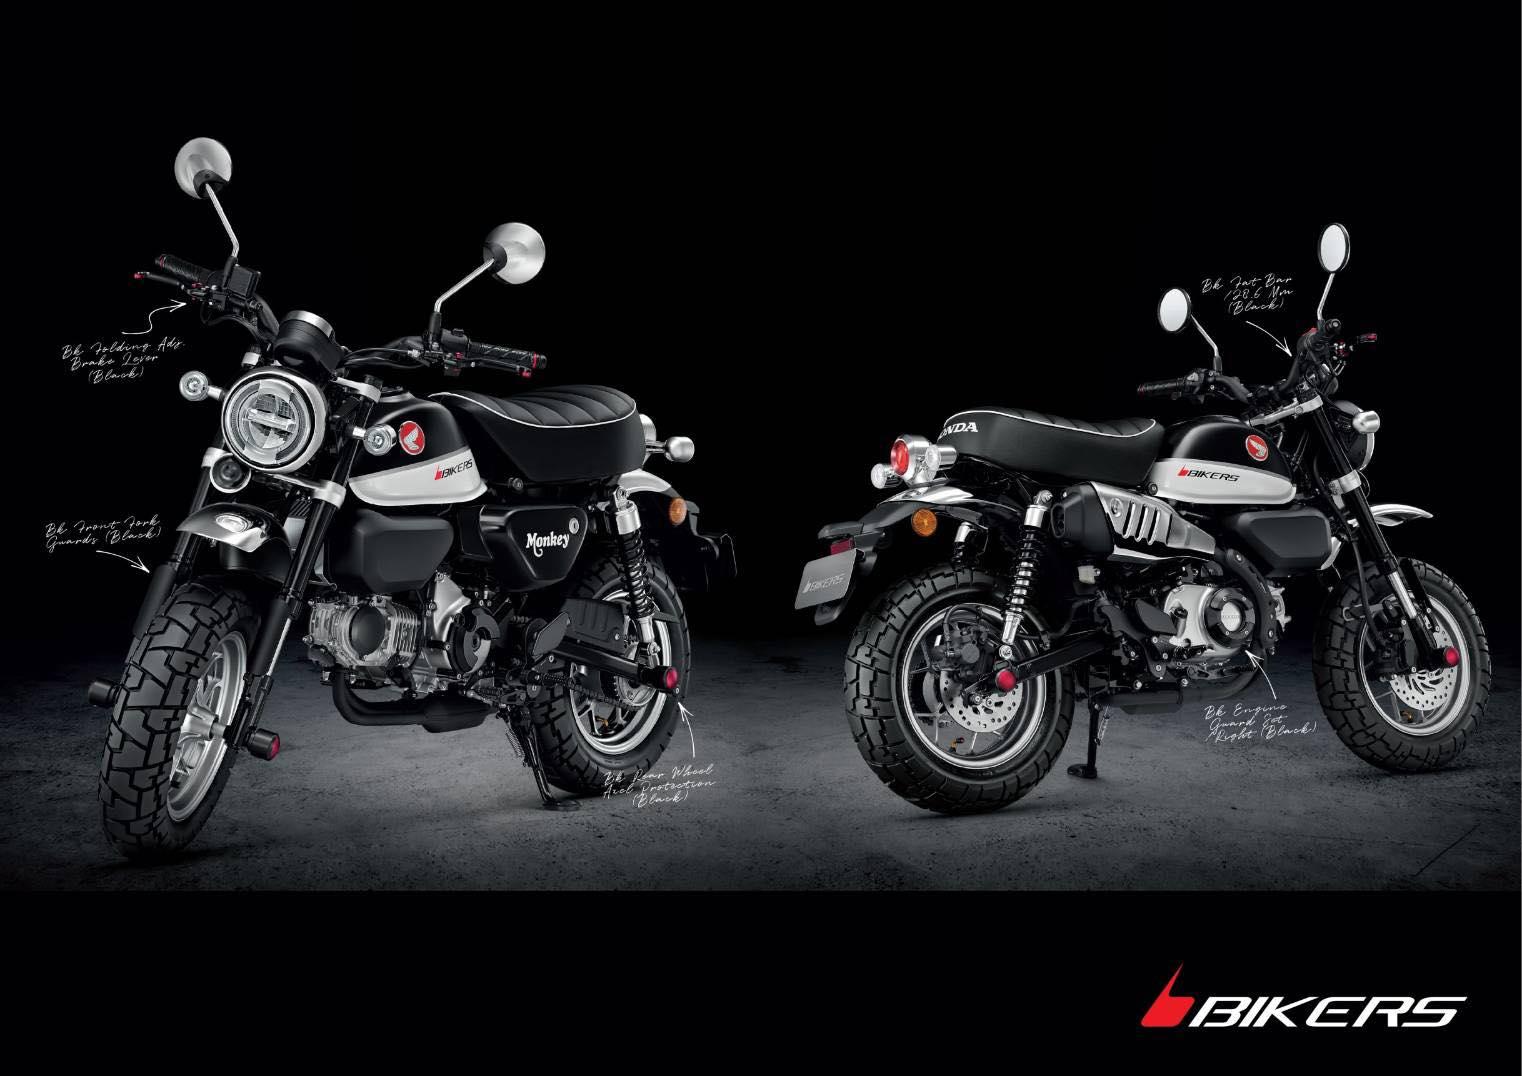 Des parts Bikers pour le nouveau Honda Monkey 125 2018 ! - mini4temps.fr